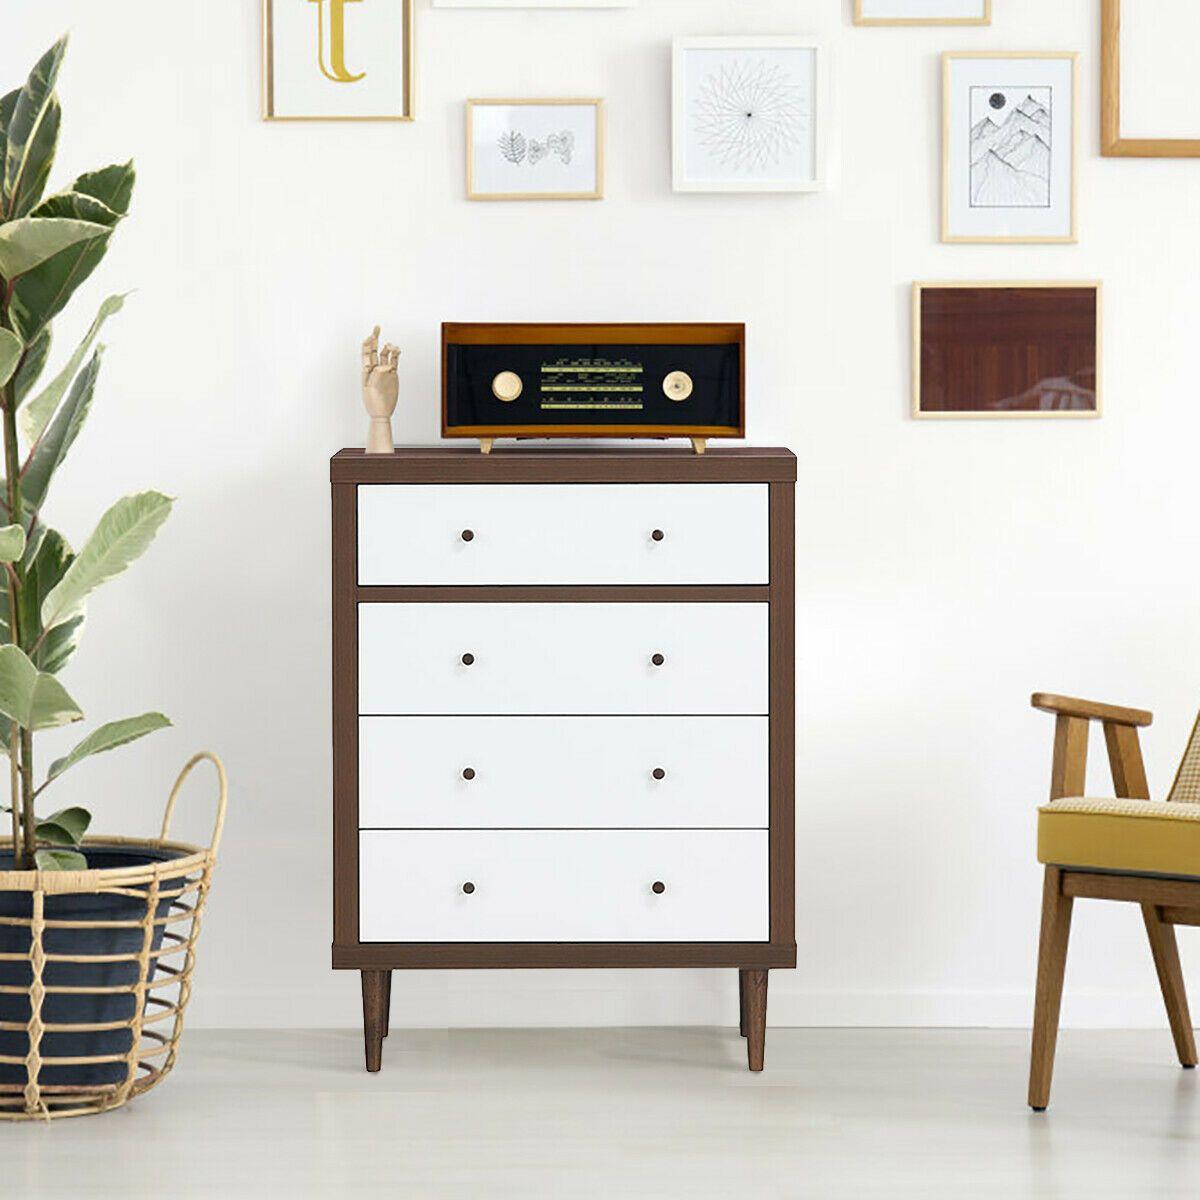 Best 4 Drawer Dresser Wooden Chest Storage Freestanding Cabinet 400 x 300